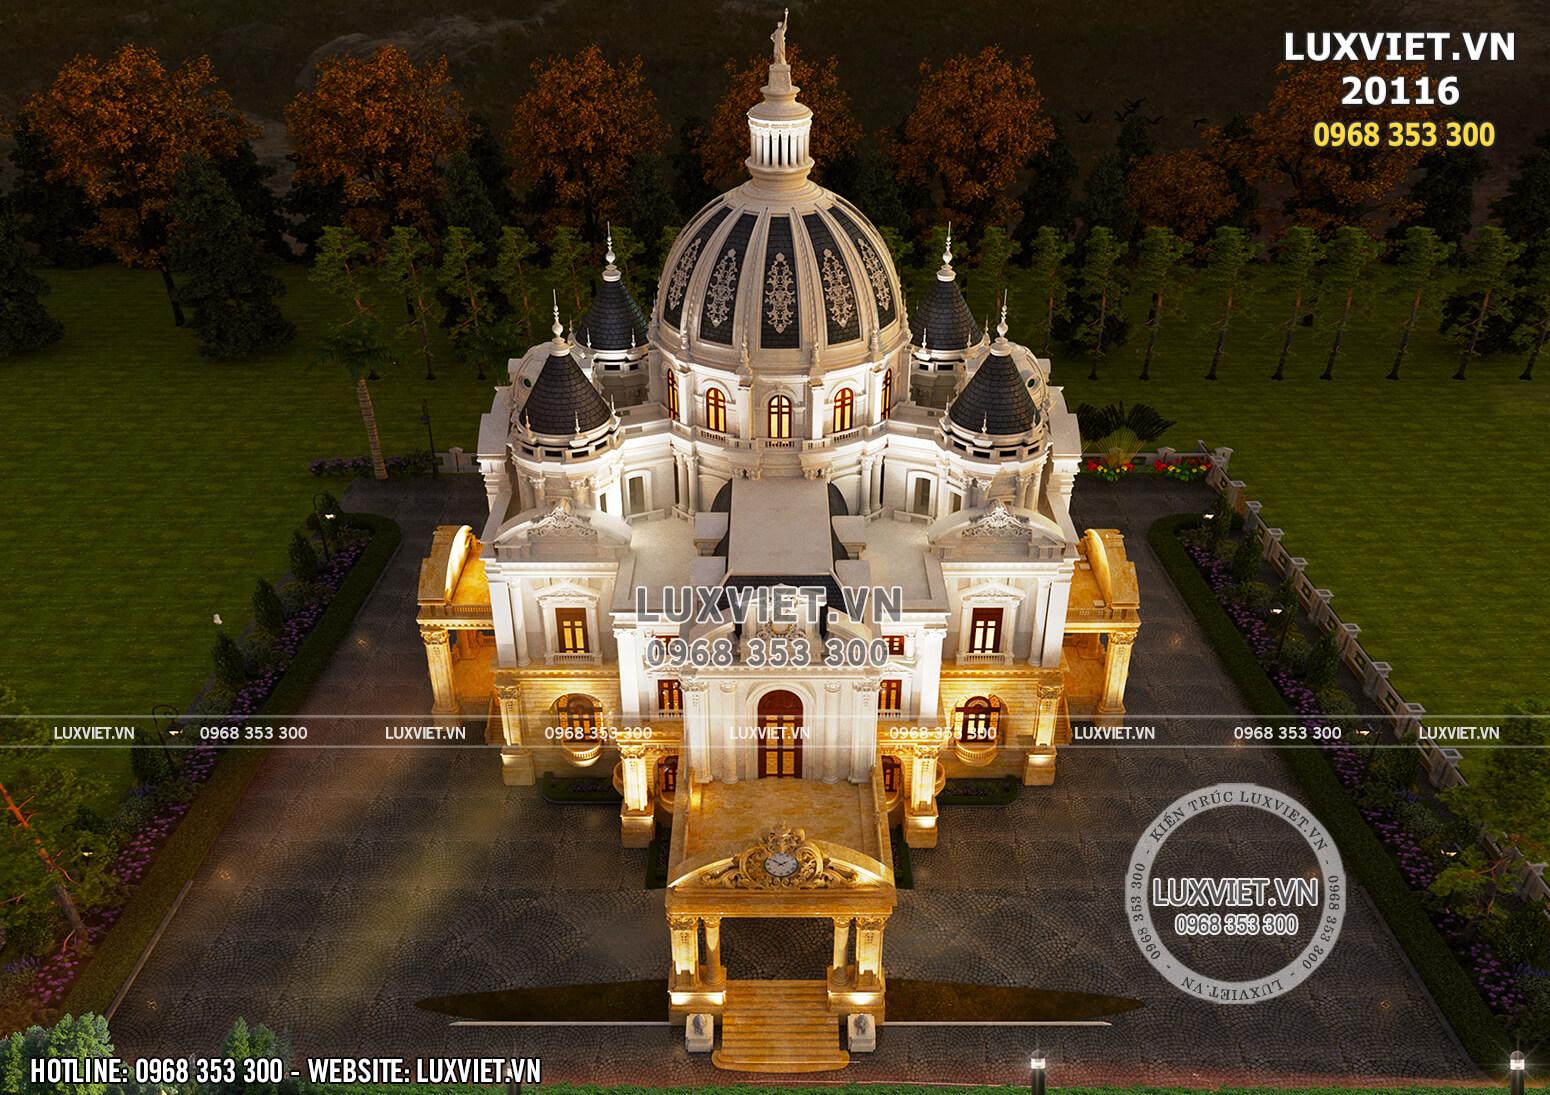 Toàn cảnh mẫu thiết kế dinh thự lâu đài kiến trúc tân cổ điển đẹp khi nhìn từ trên cao xuống